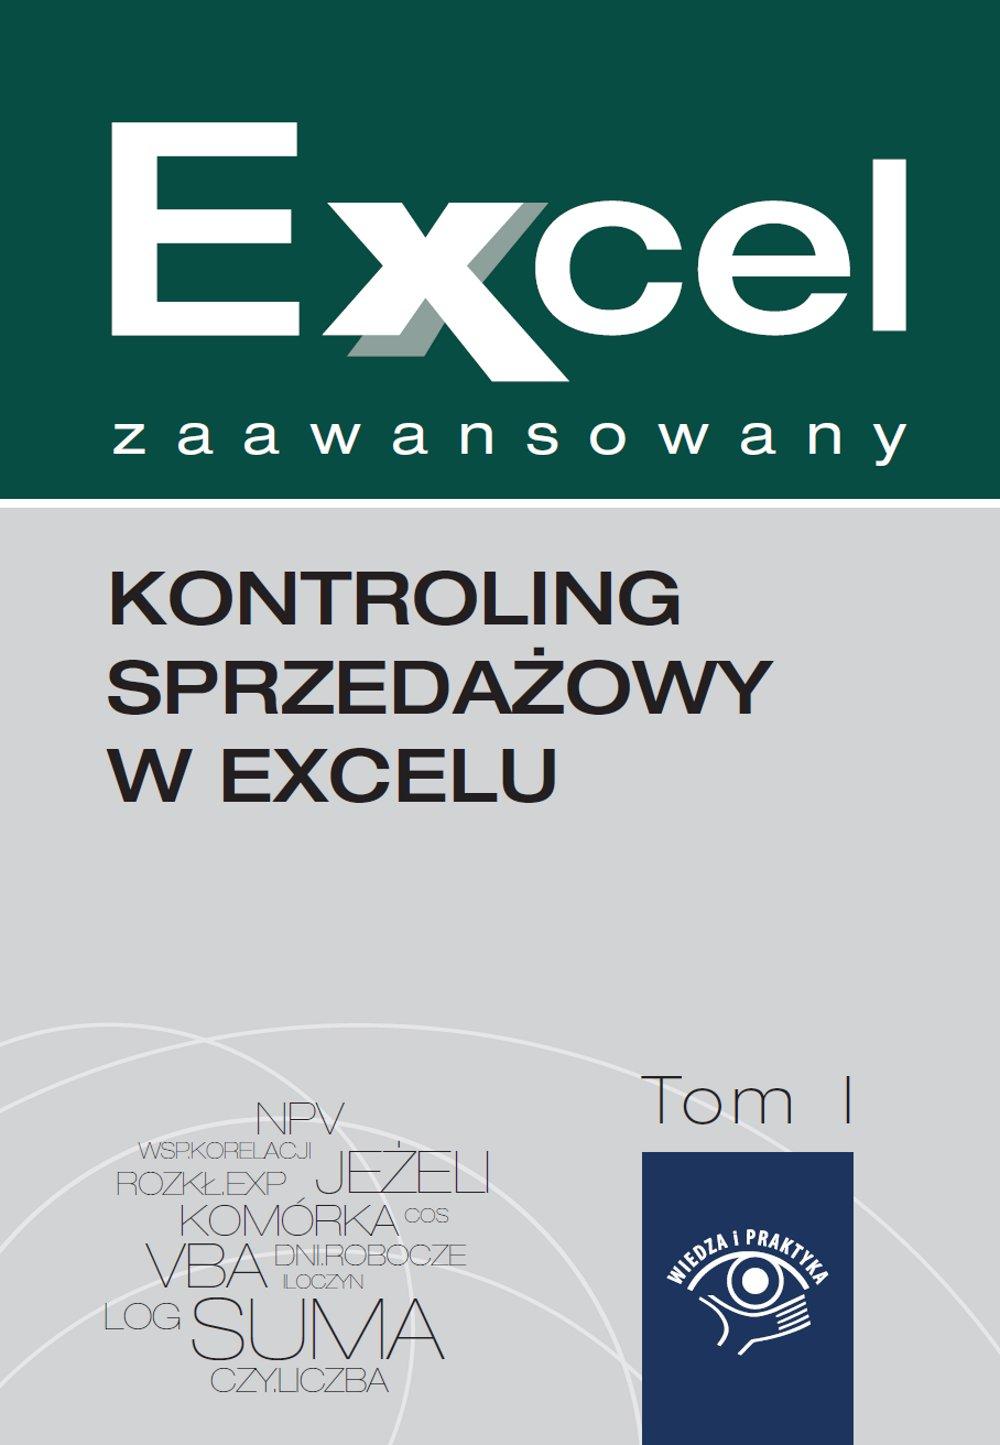 Kontroling sprzedażowy w Excelu - Ebook (Książka na Kindle) do pobrania w formacie MOBI